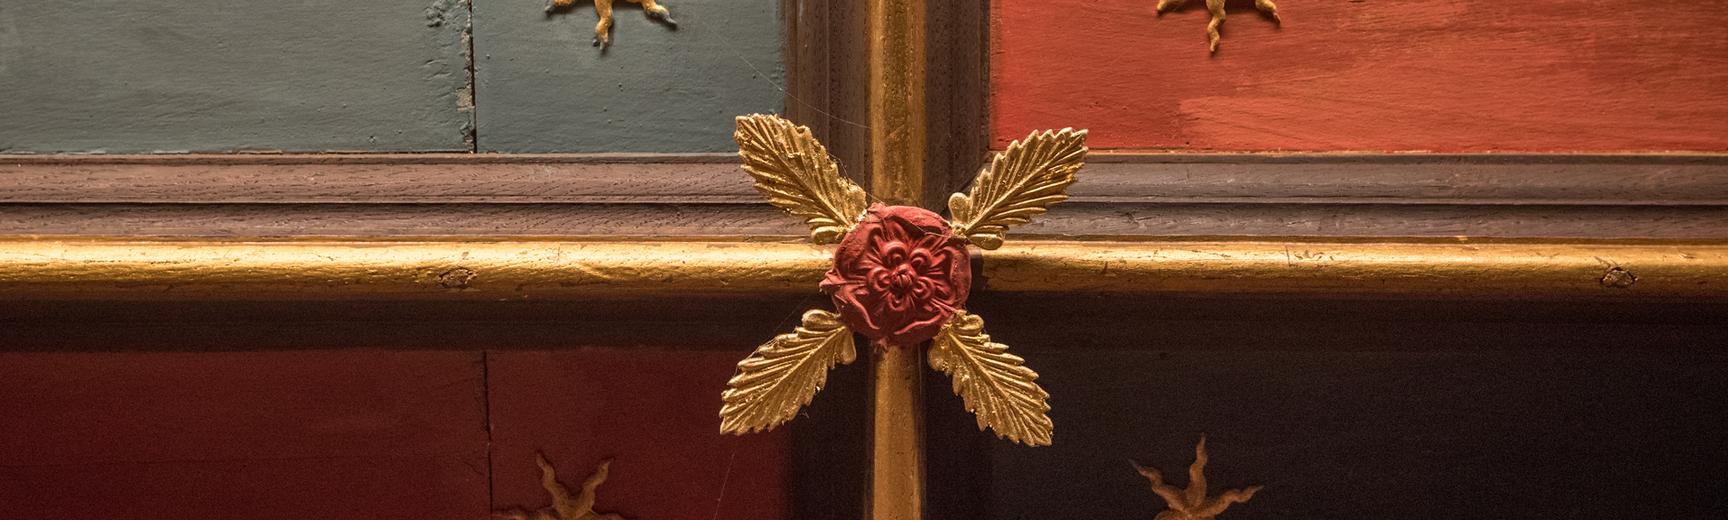 Bodleian Libraries door detail